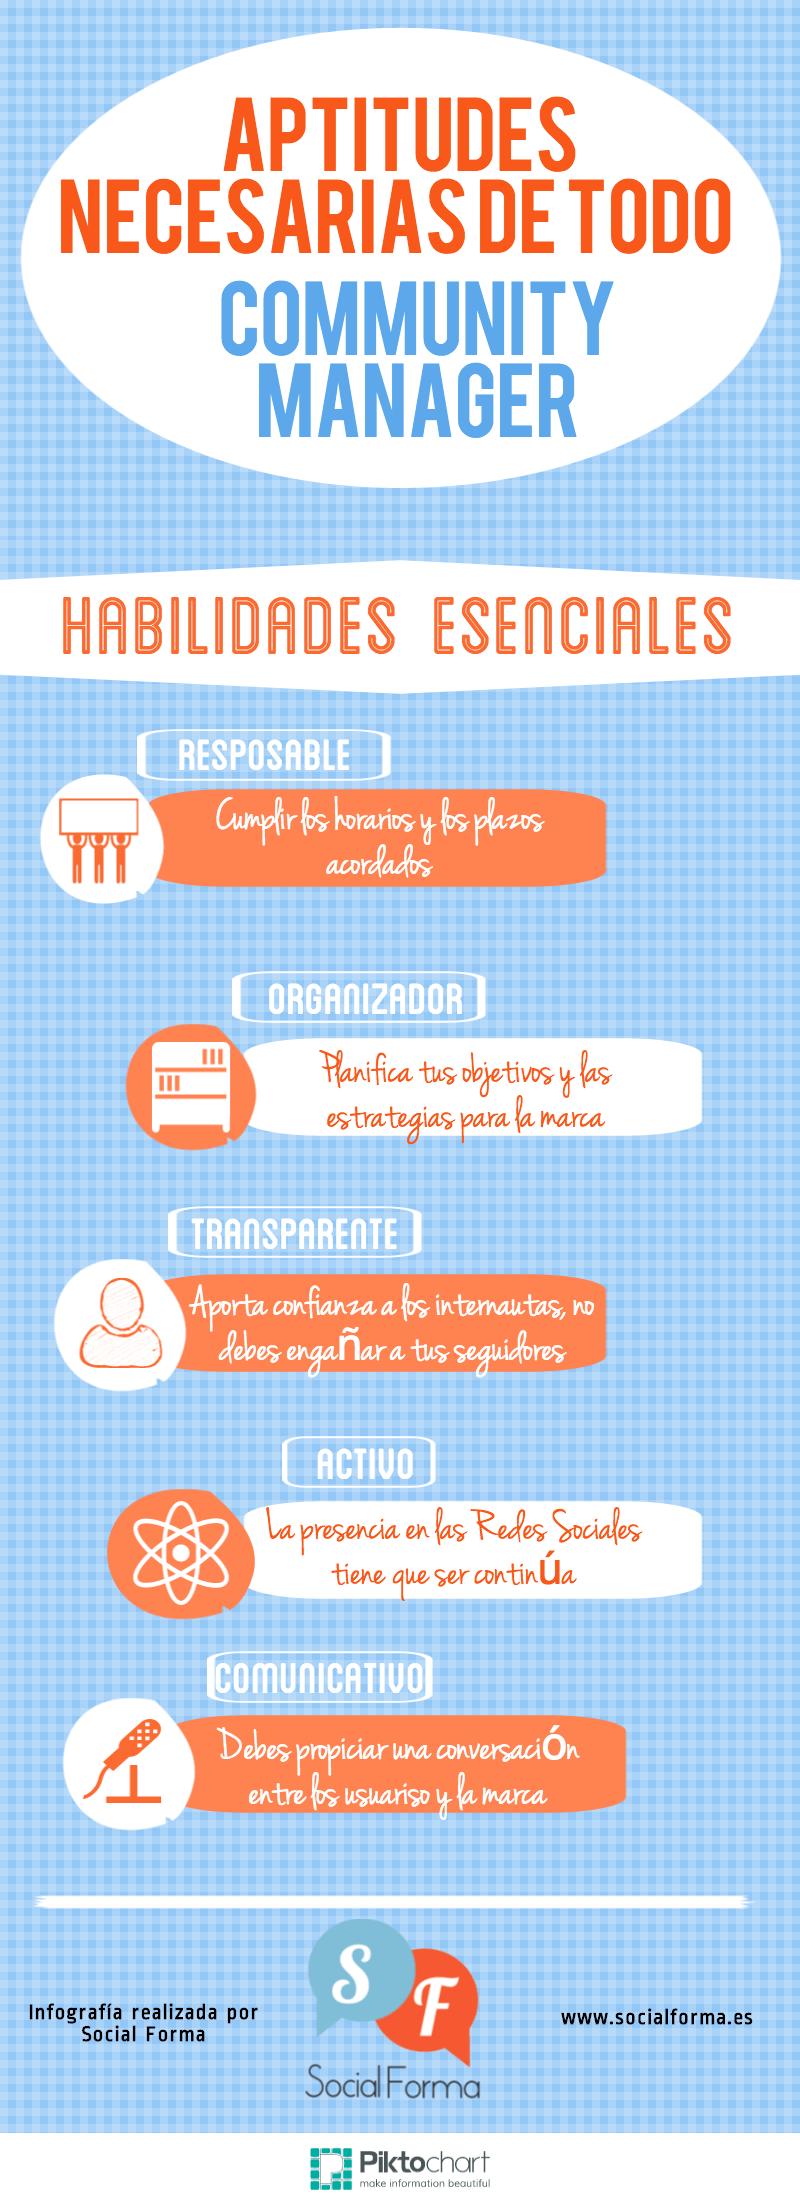 Habilidades esenciales del Community Manager